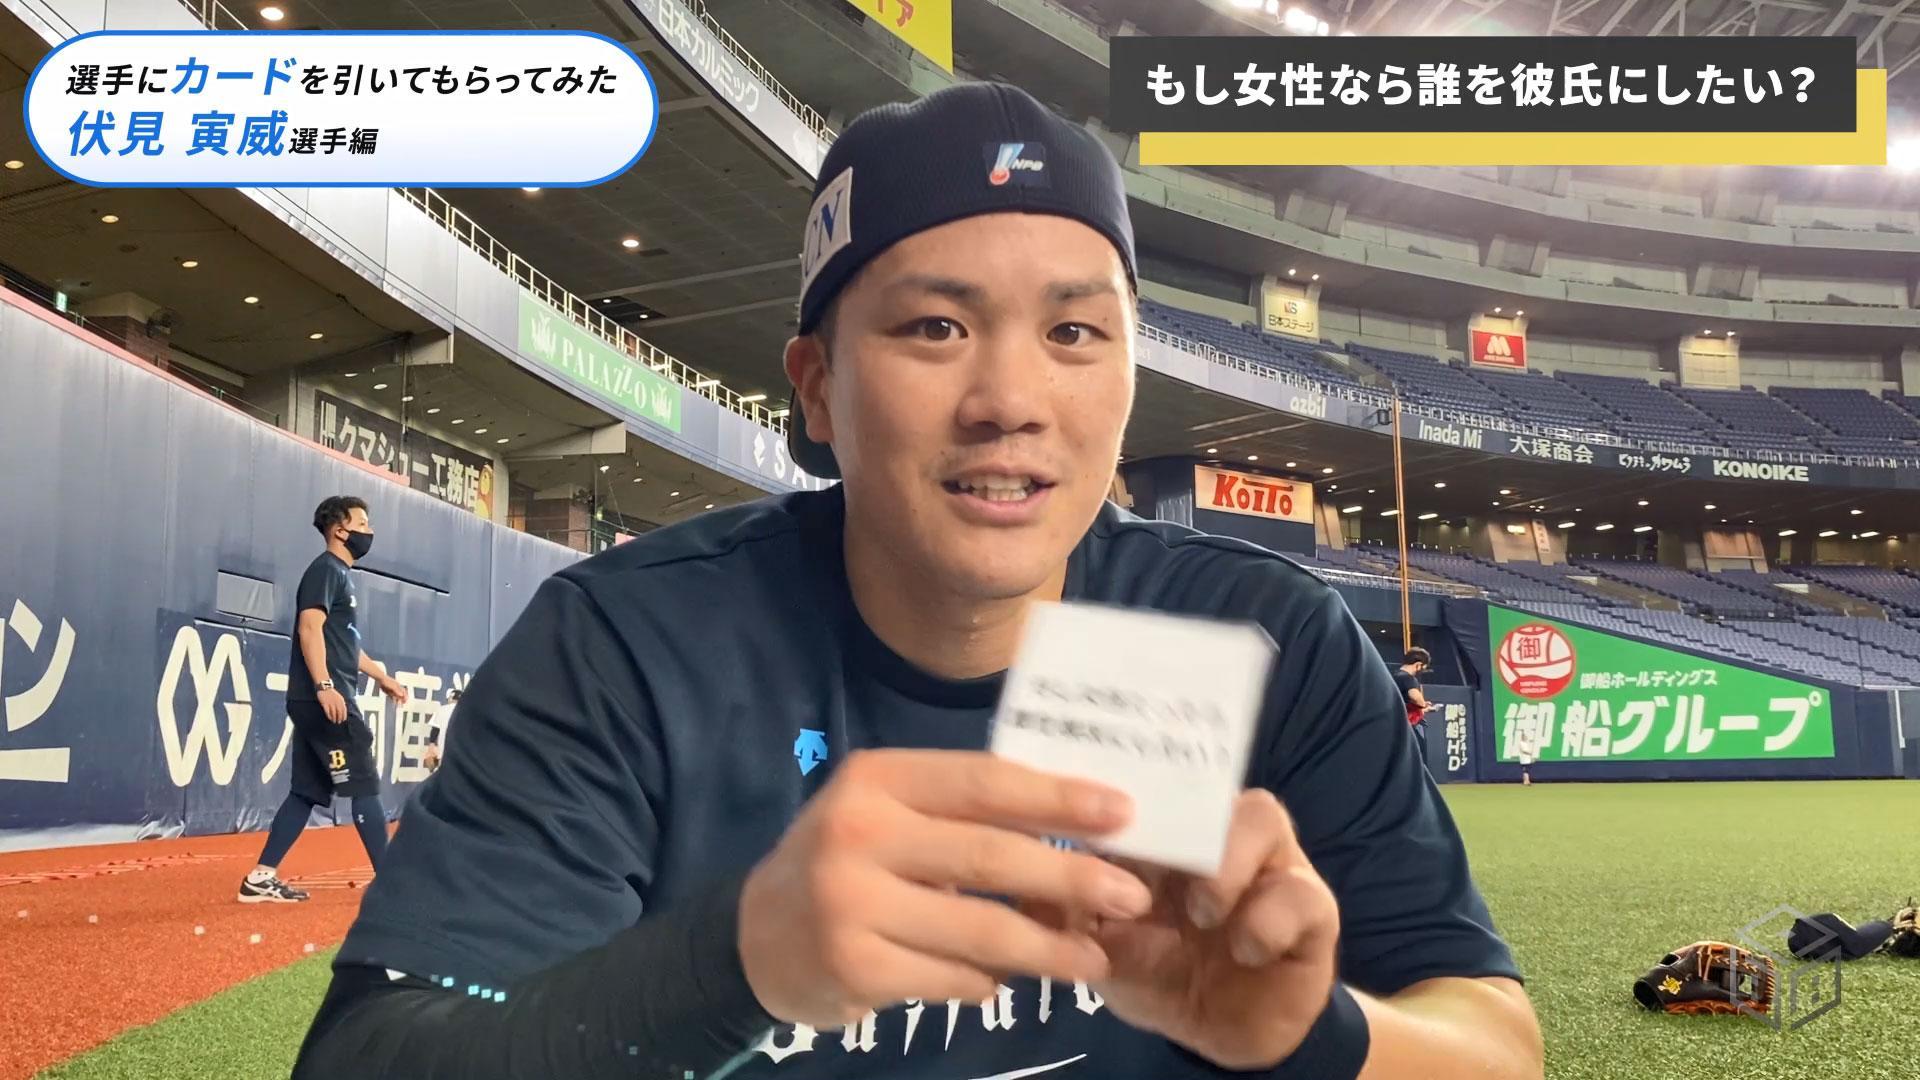 選手カードトーク